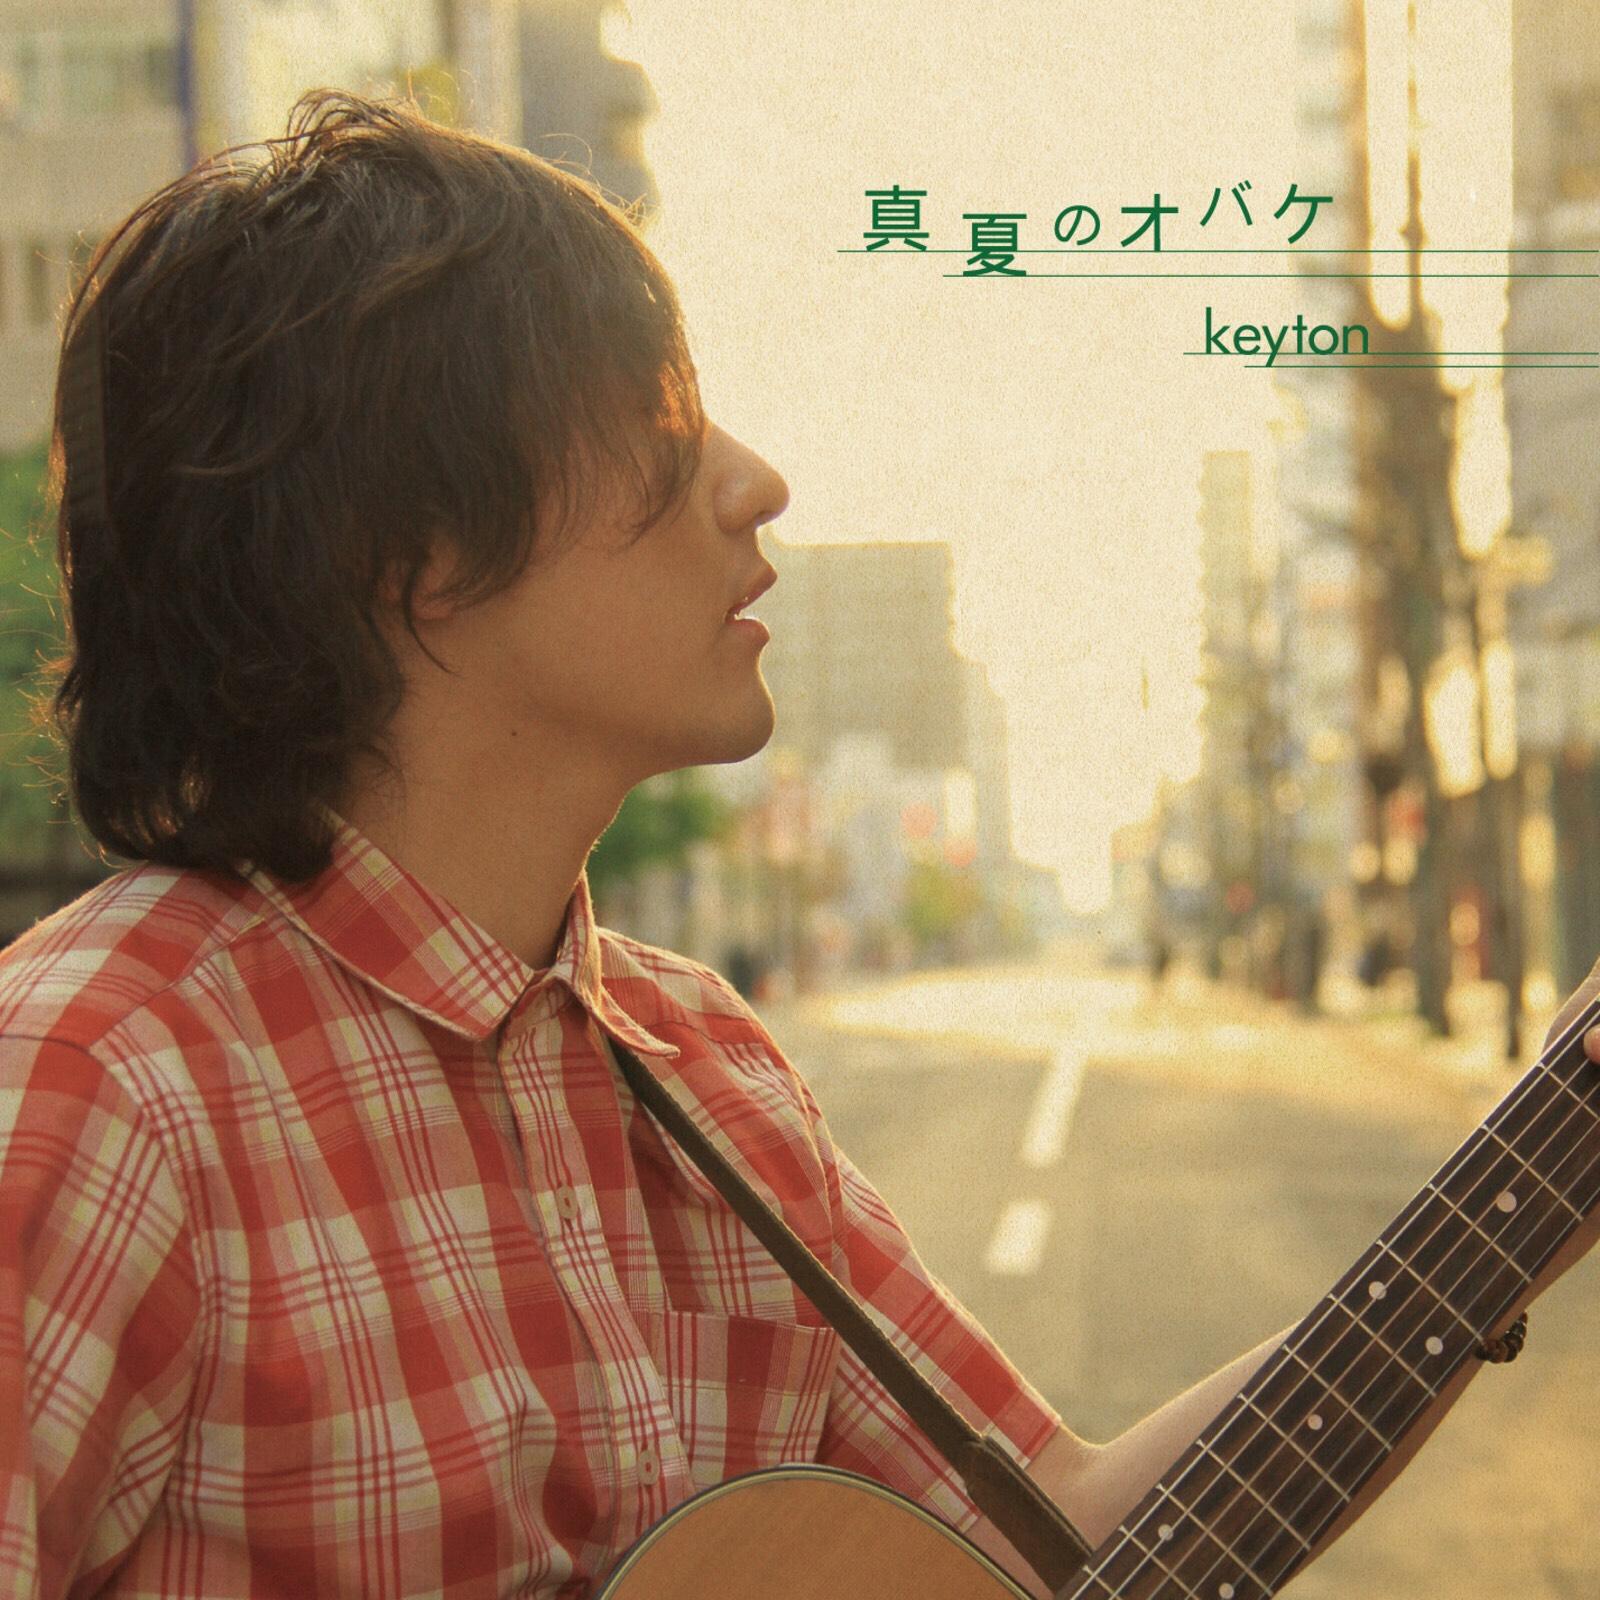 1st アルバム 真夏のオバケ / Keyton